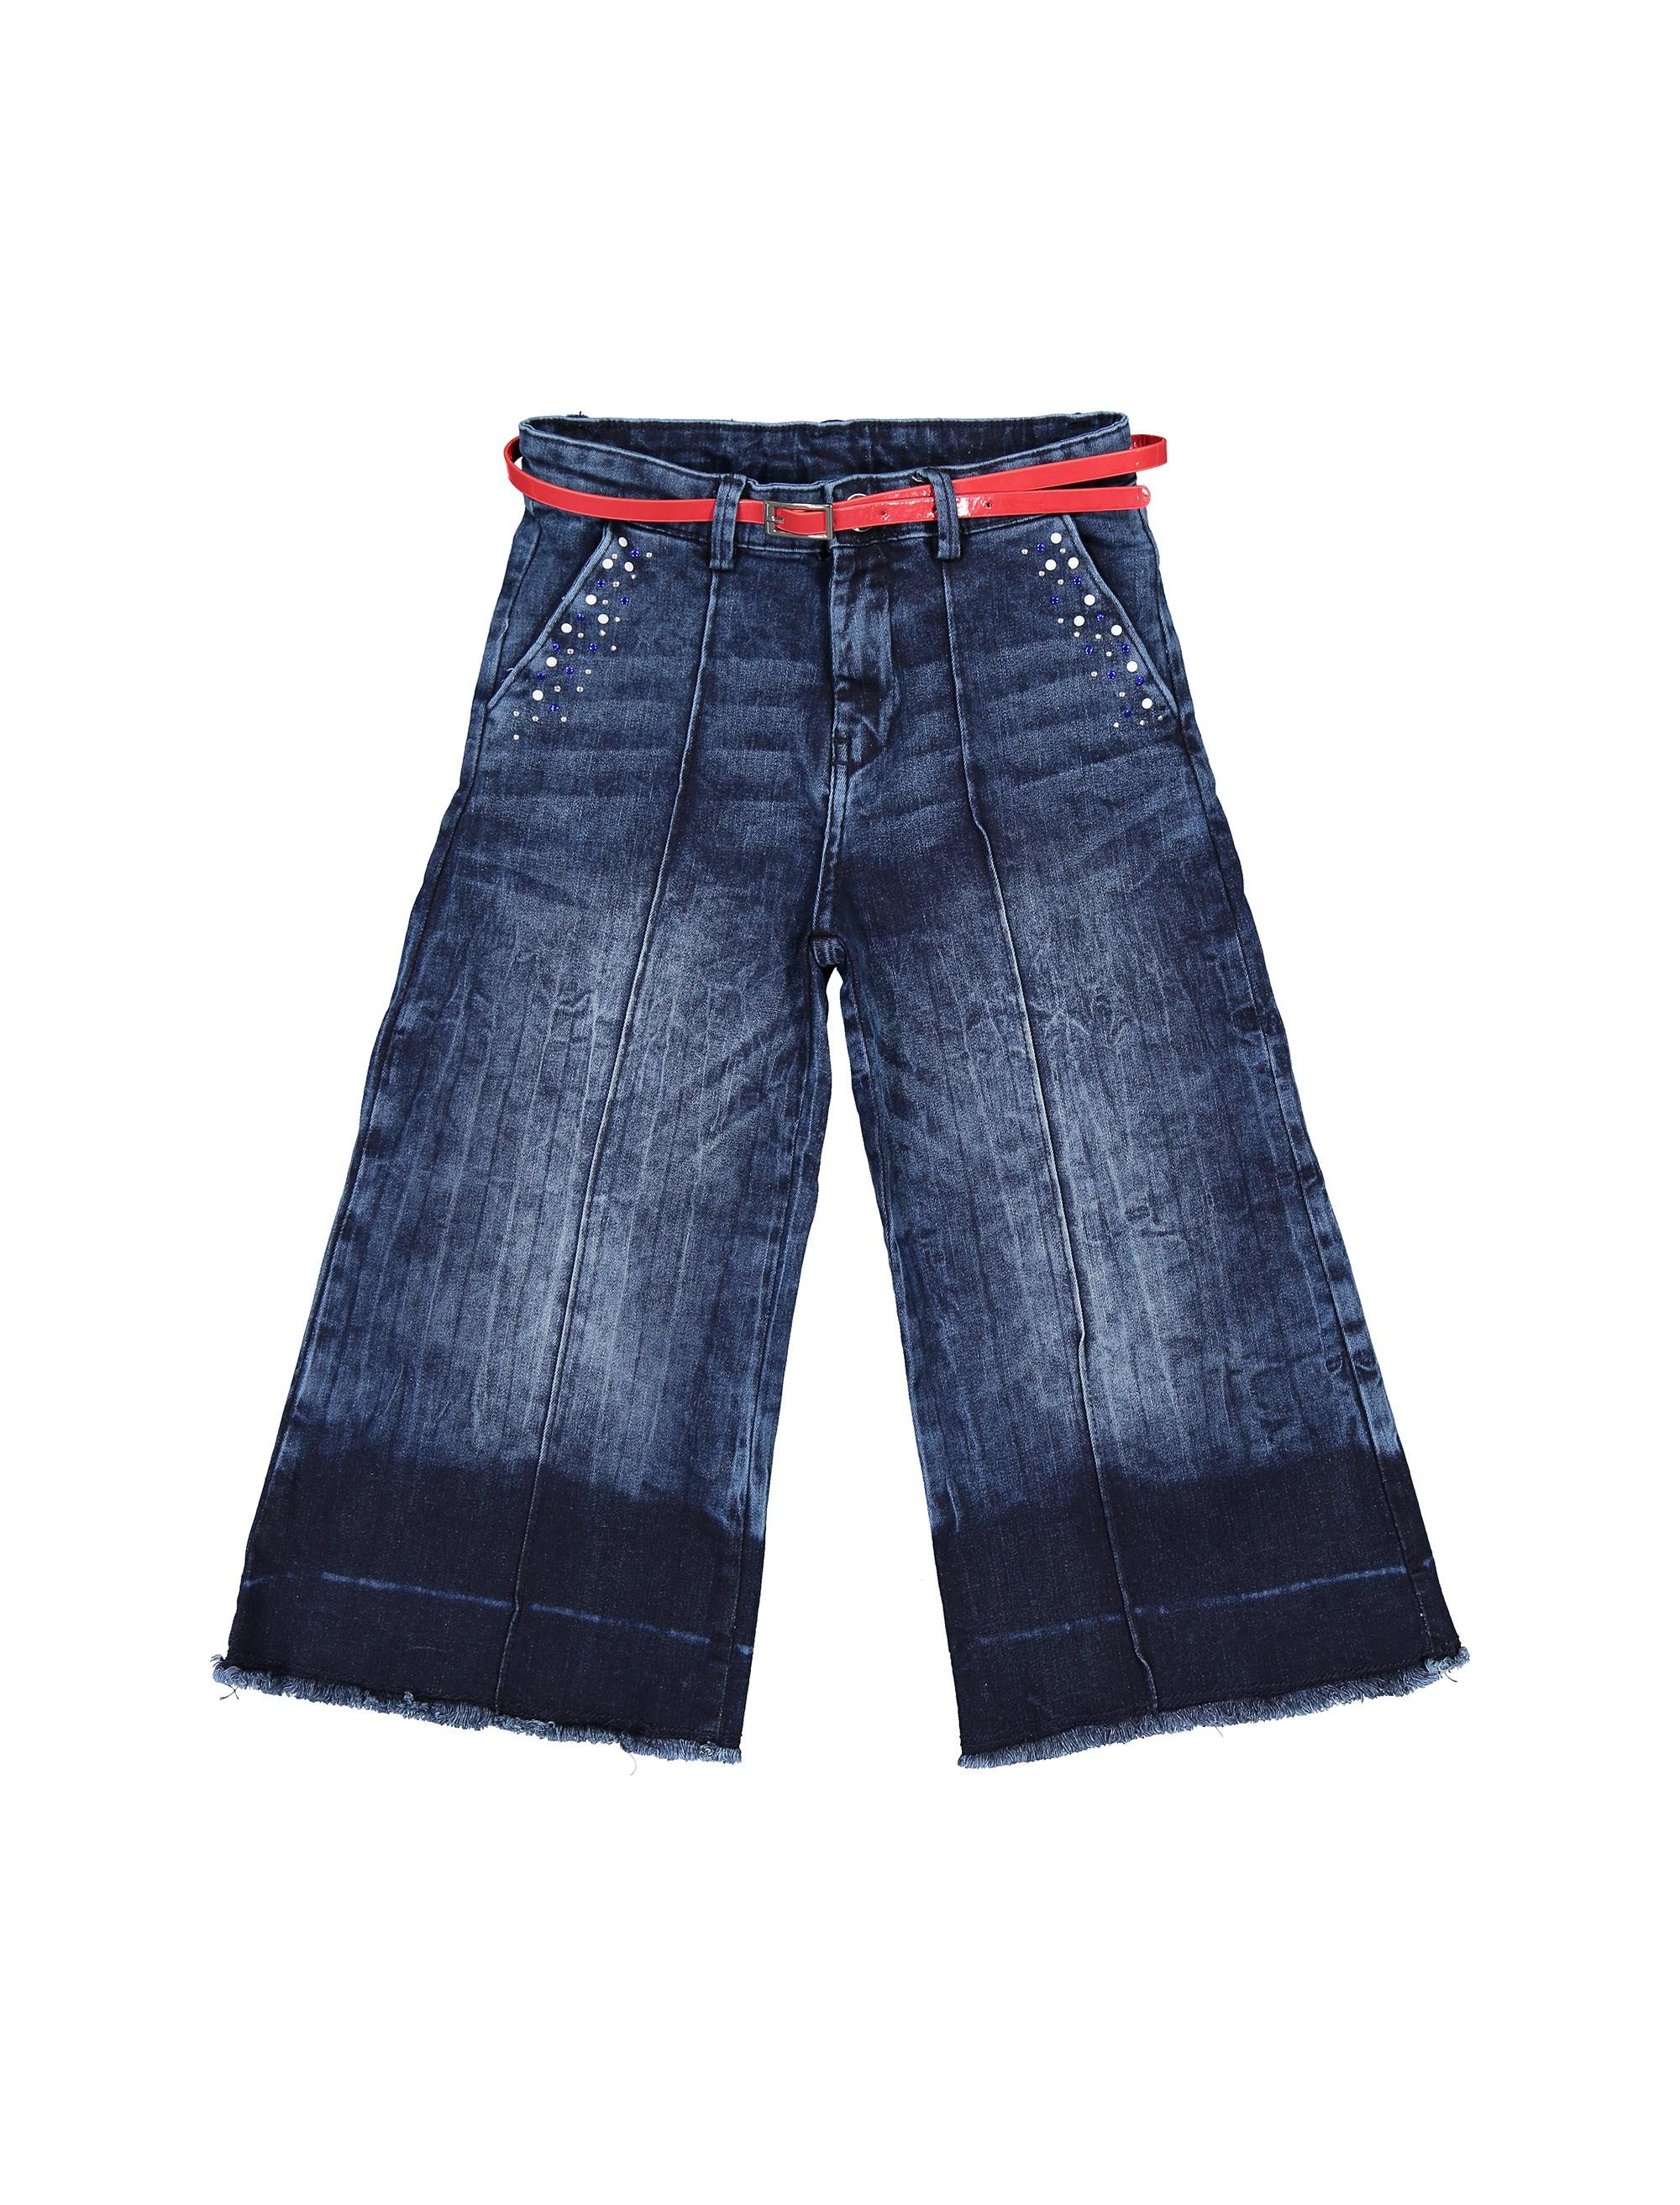 شلوار جین گشاد دخترانه - آبي - 1